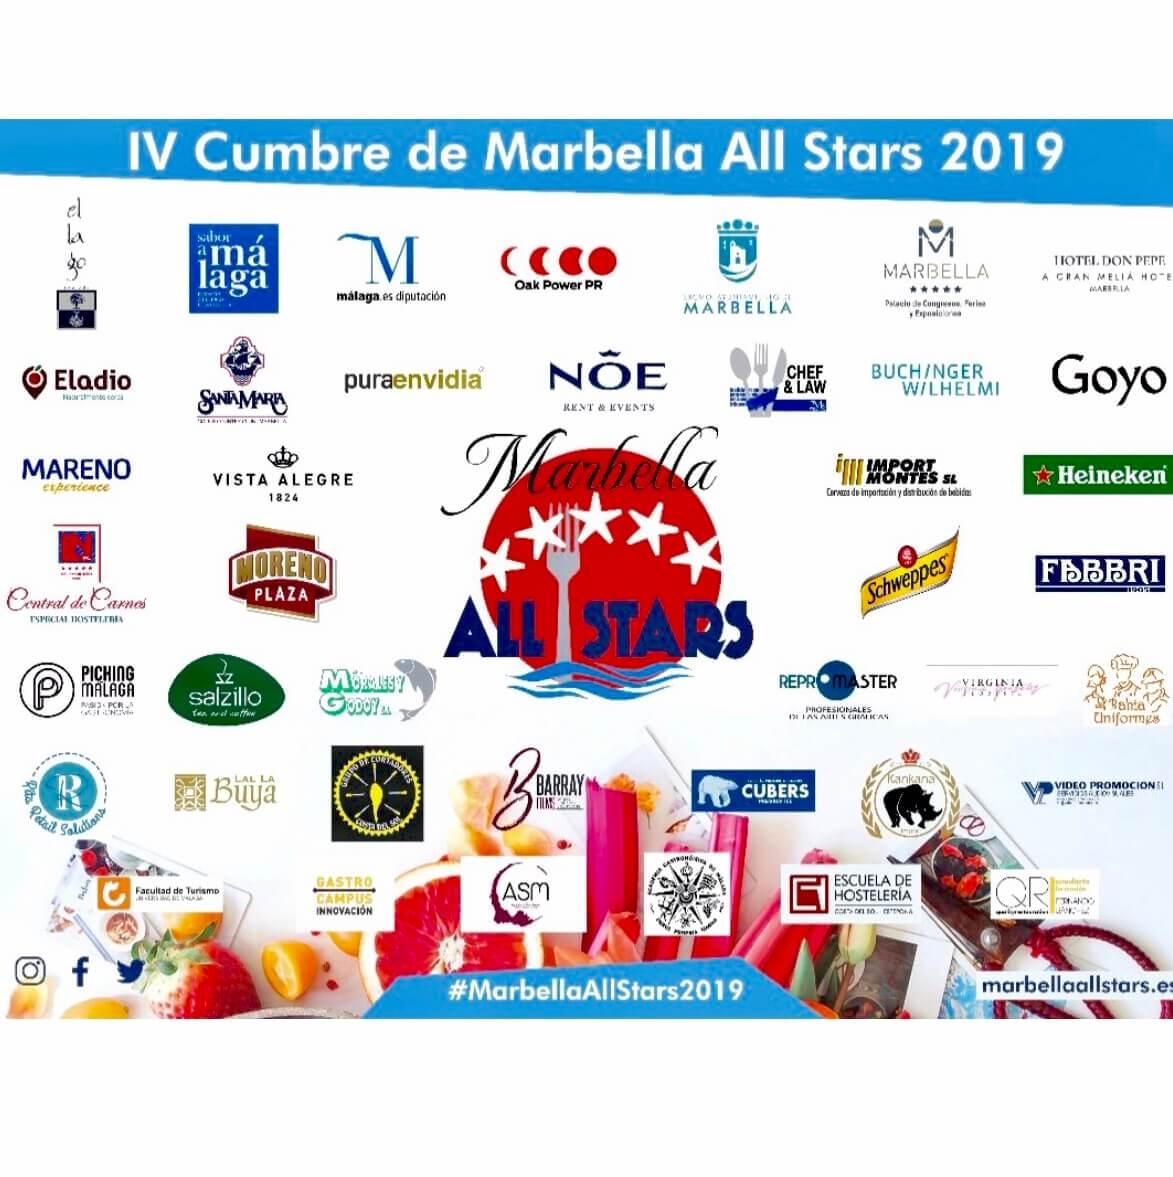 Marbella All Stars 2019